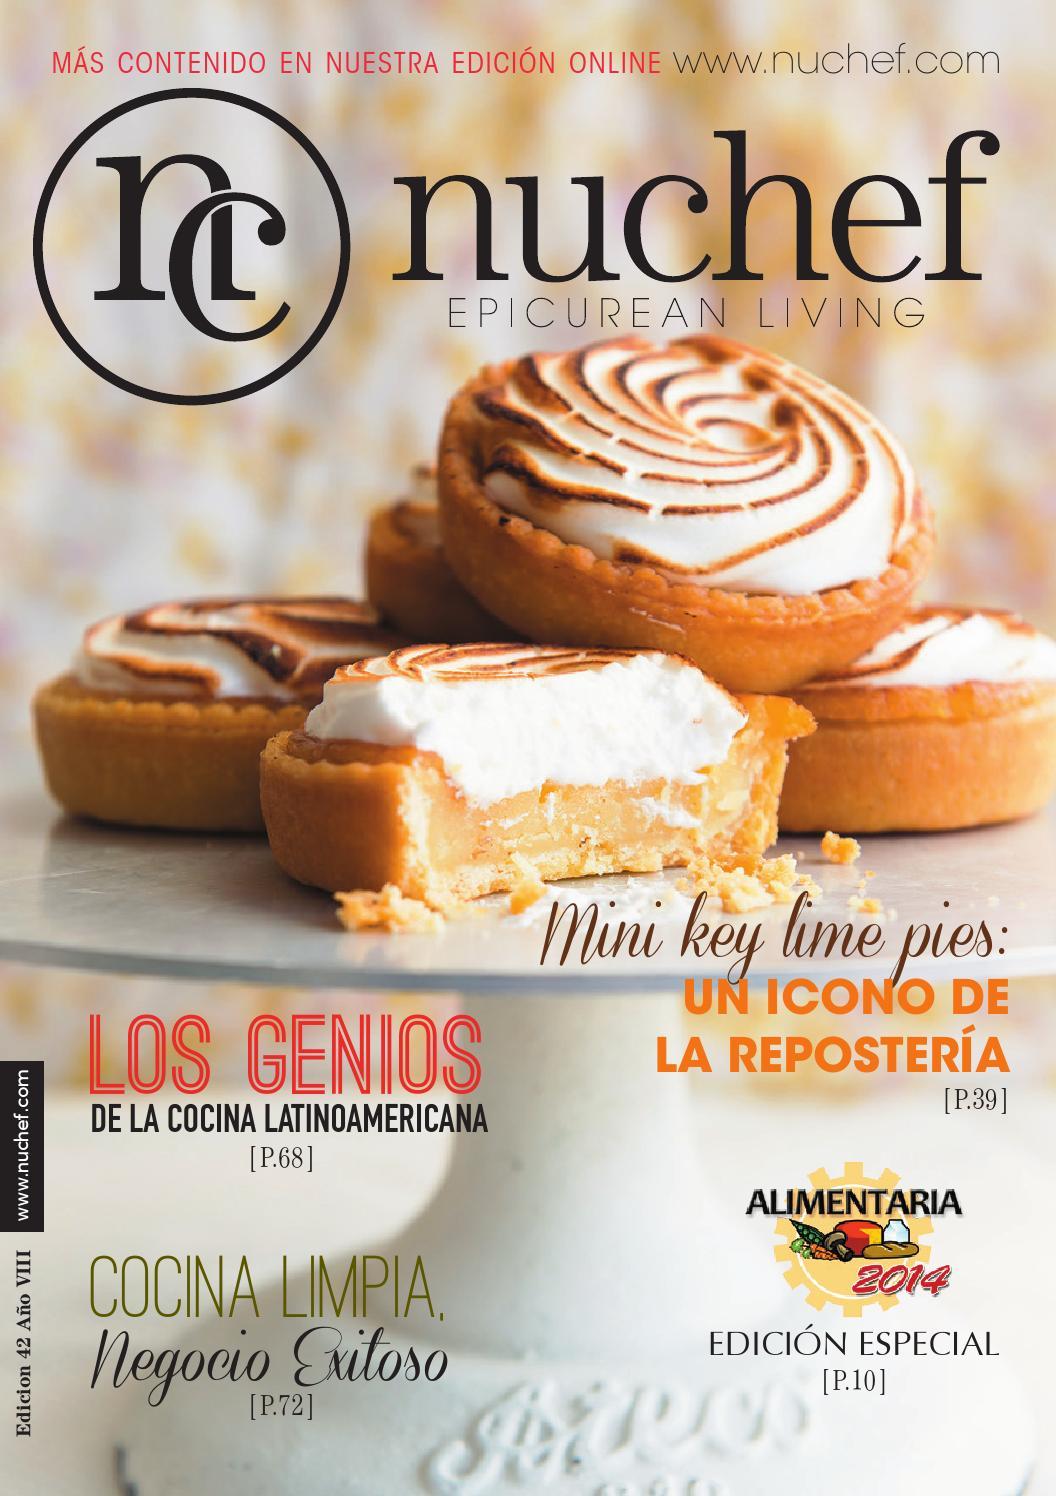 Nuchef Edición 42 by NuChef - issuu